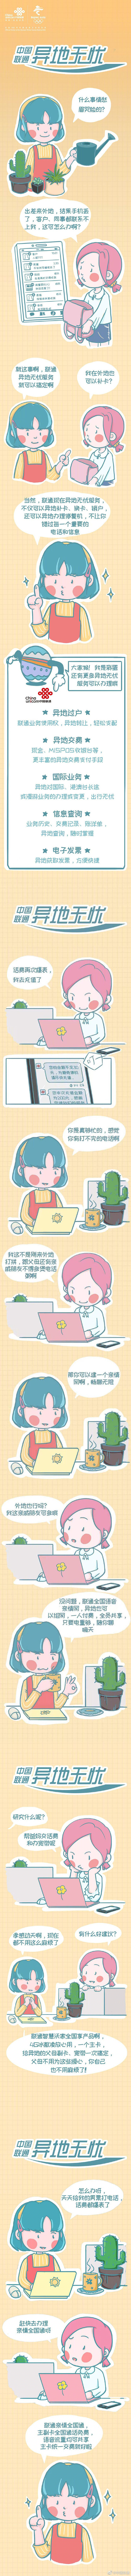 """一张图带你看懂中国联通""""跨域服务"""" 异地销户更便捷"""